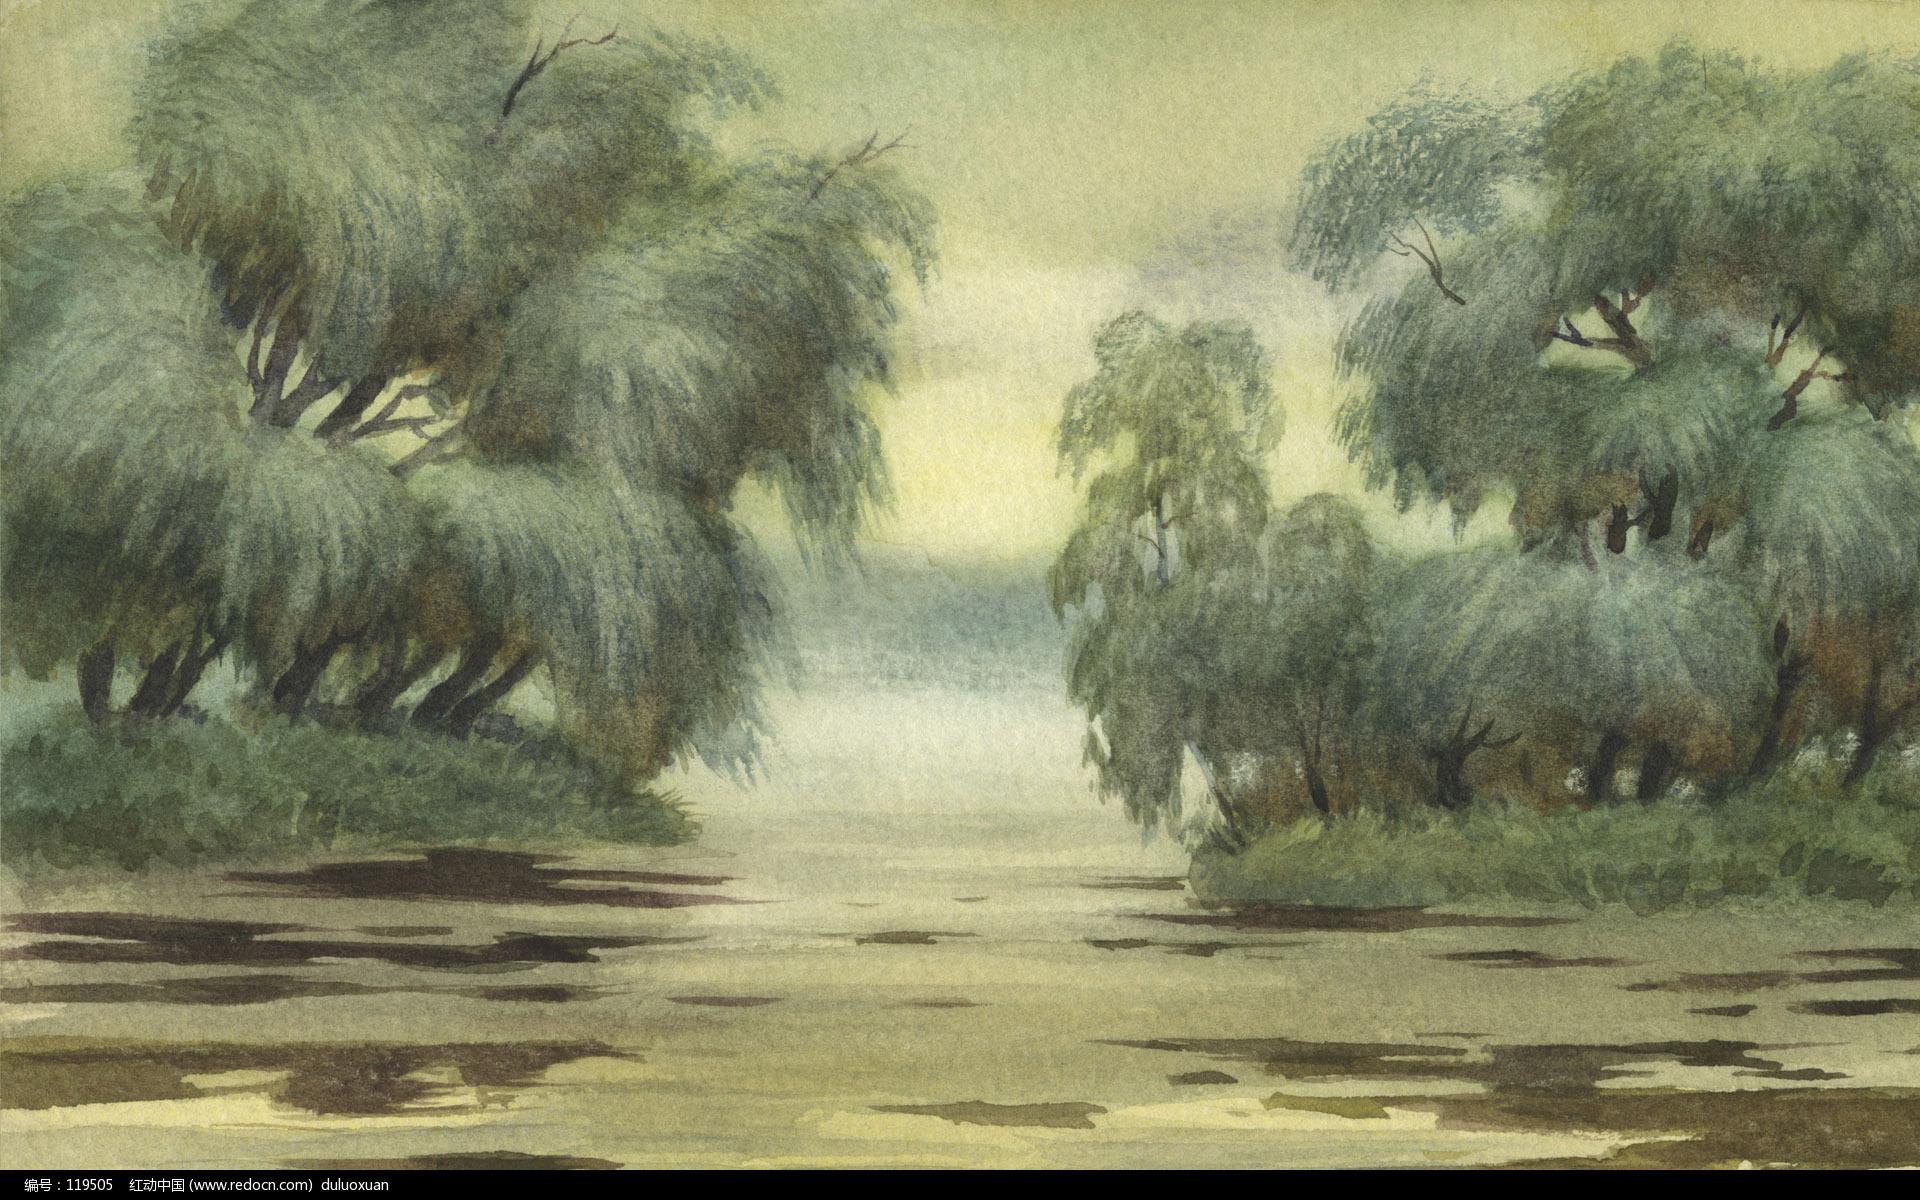 风景水彩画作品欣赏绘画欣赏 水彩 水粉 油画 绘画欣赏 设计欣赏 红动